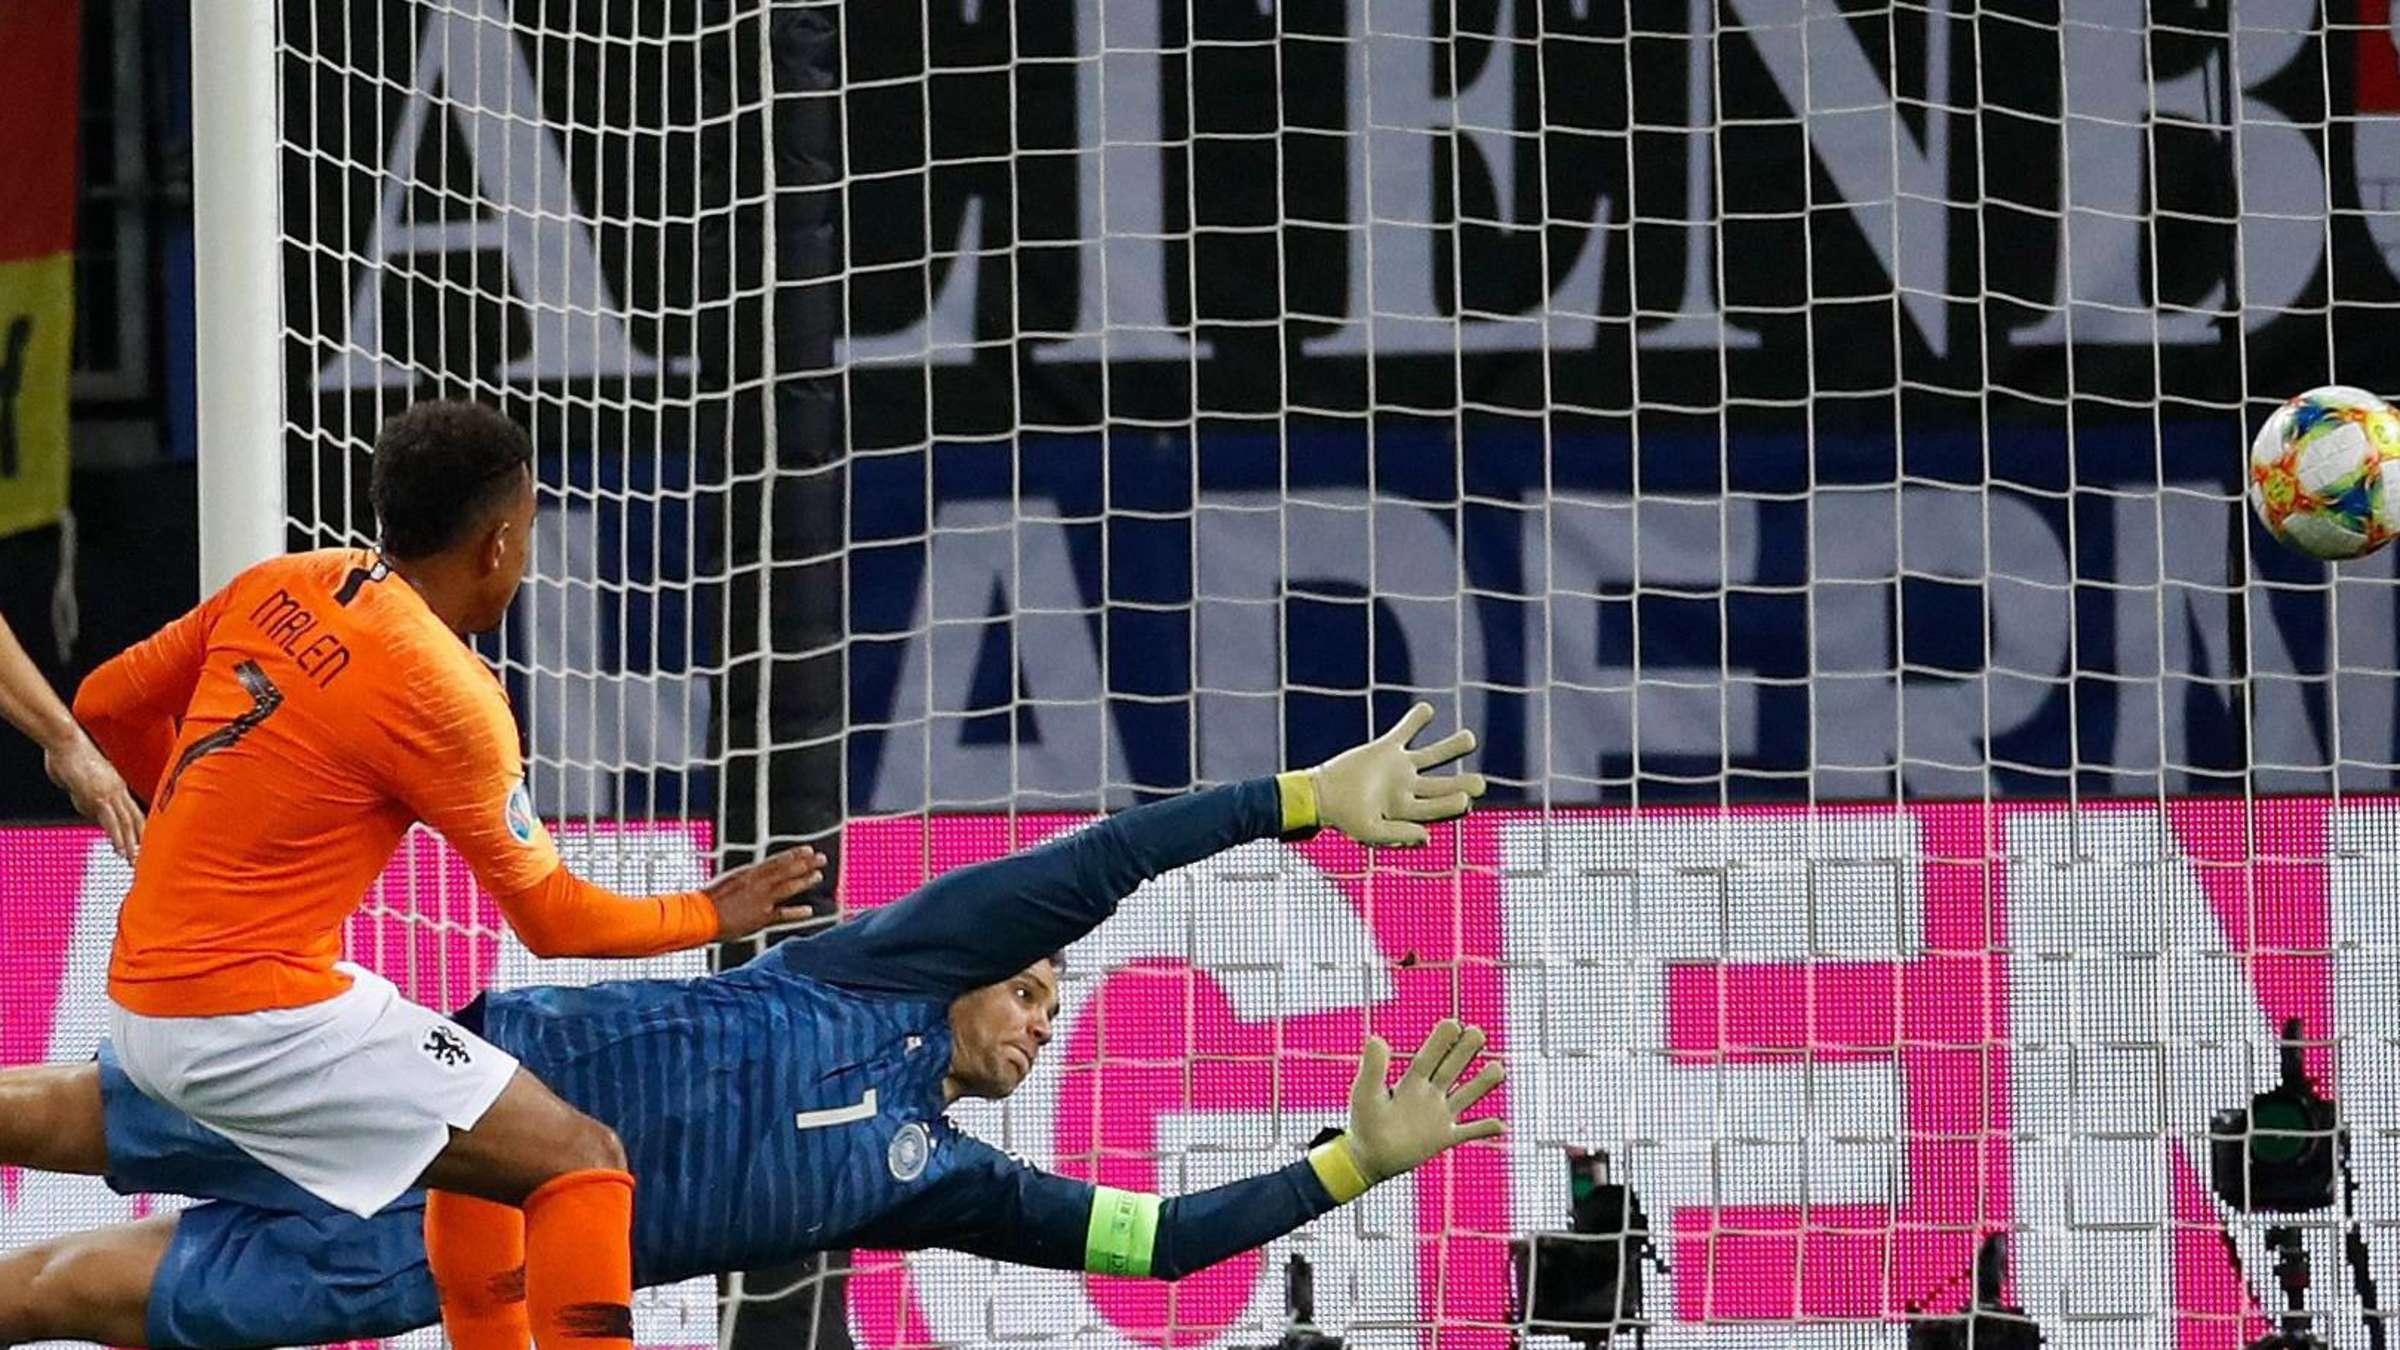 Schnellcheck Nationalelf Unterliegt Oranje 2 4 Fussball